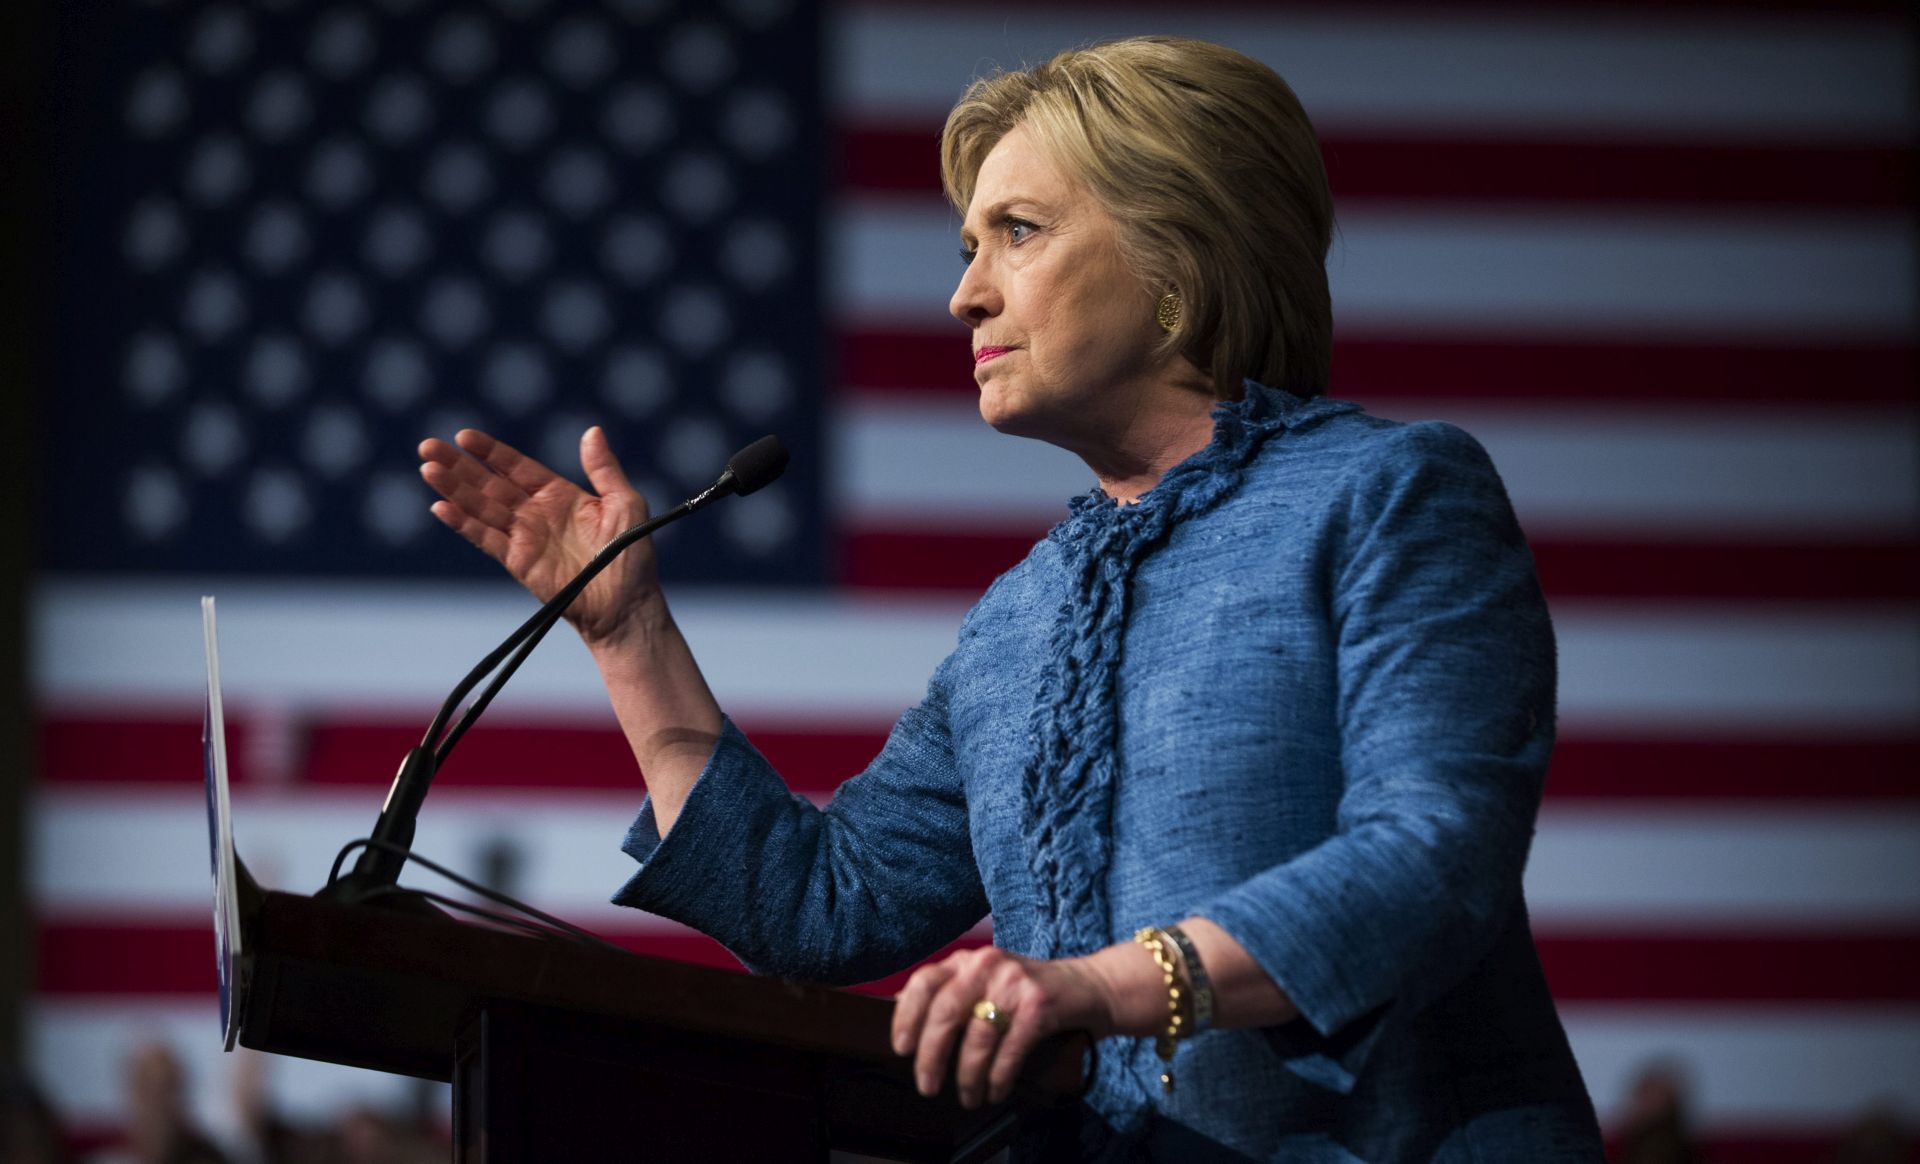 Kritike Hillary Clinton: Europa može učiniti više u borbi protiv terorizma